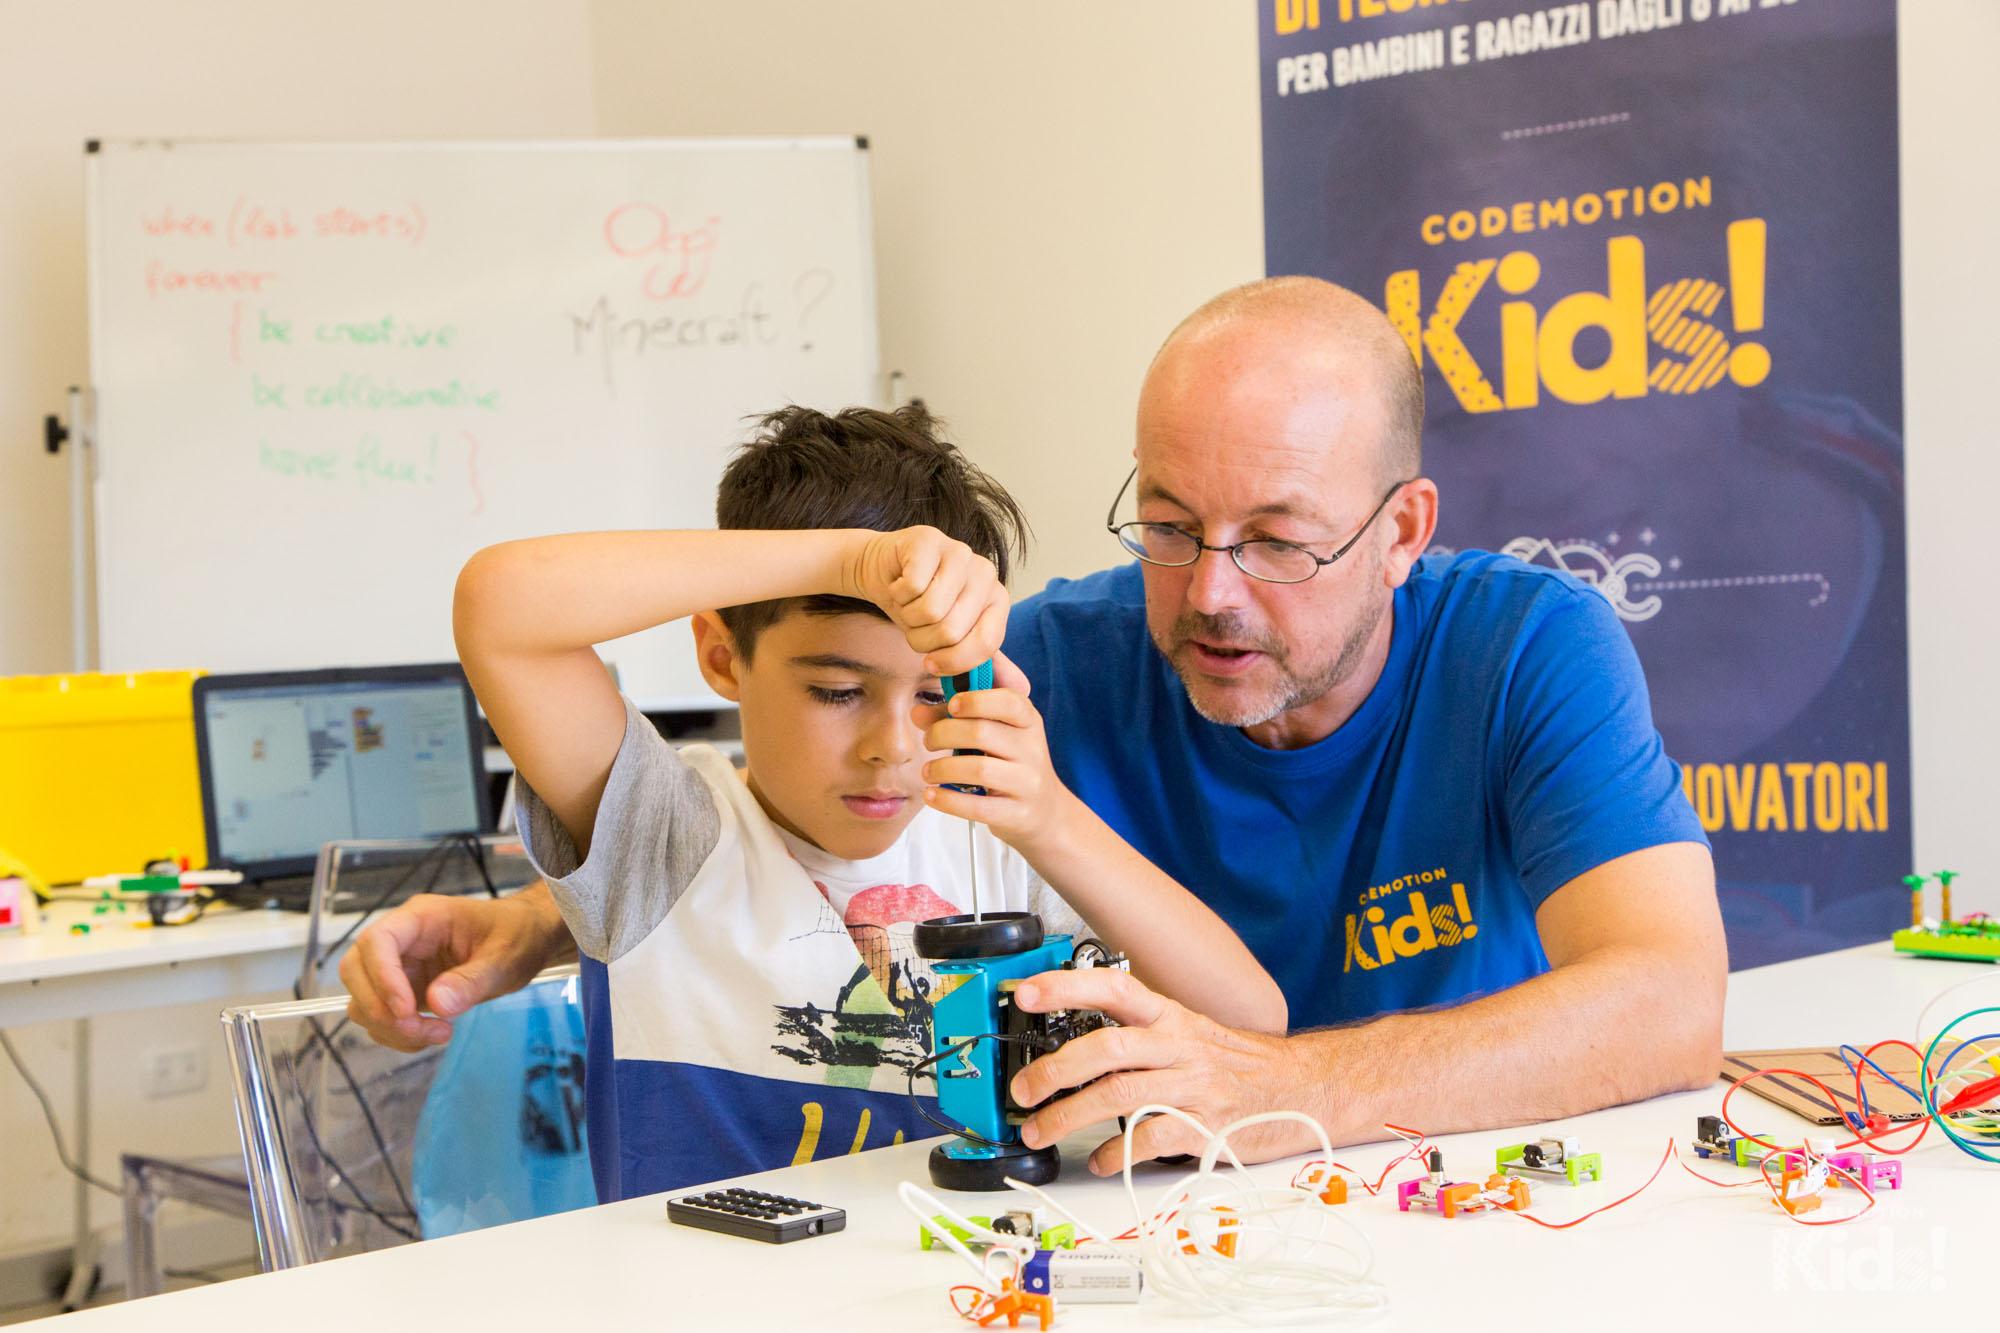 A scuola di nuove tecnologie con Codemotion Kids!, a Roma, Milano, Torino